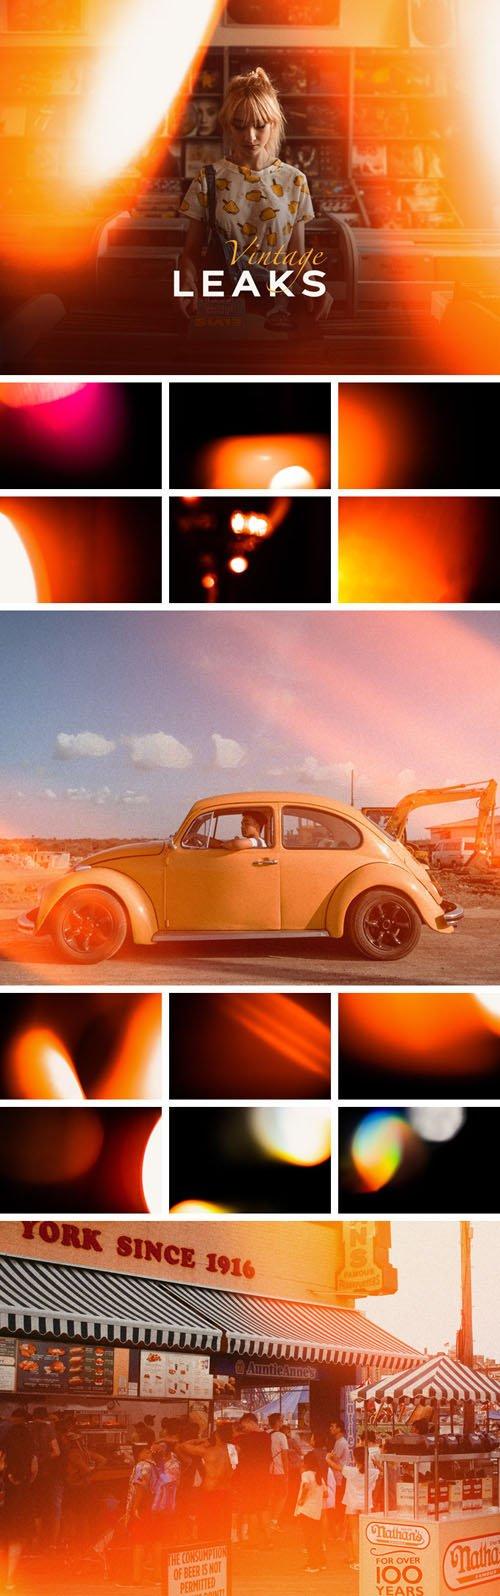 Sunny Leaks - Vintage Photoshop Overlays